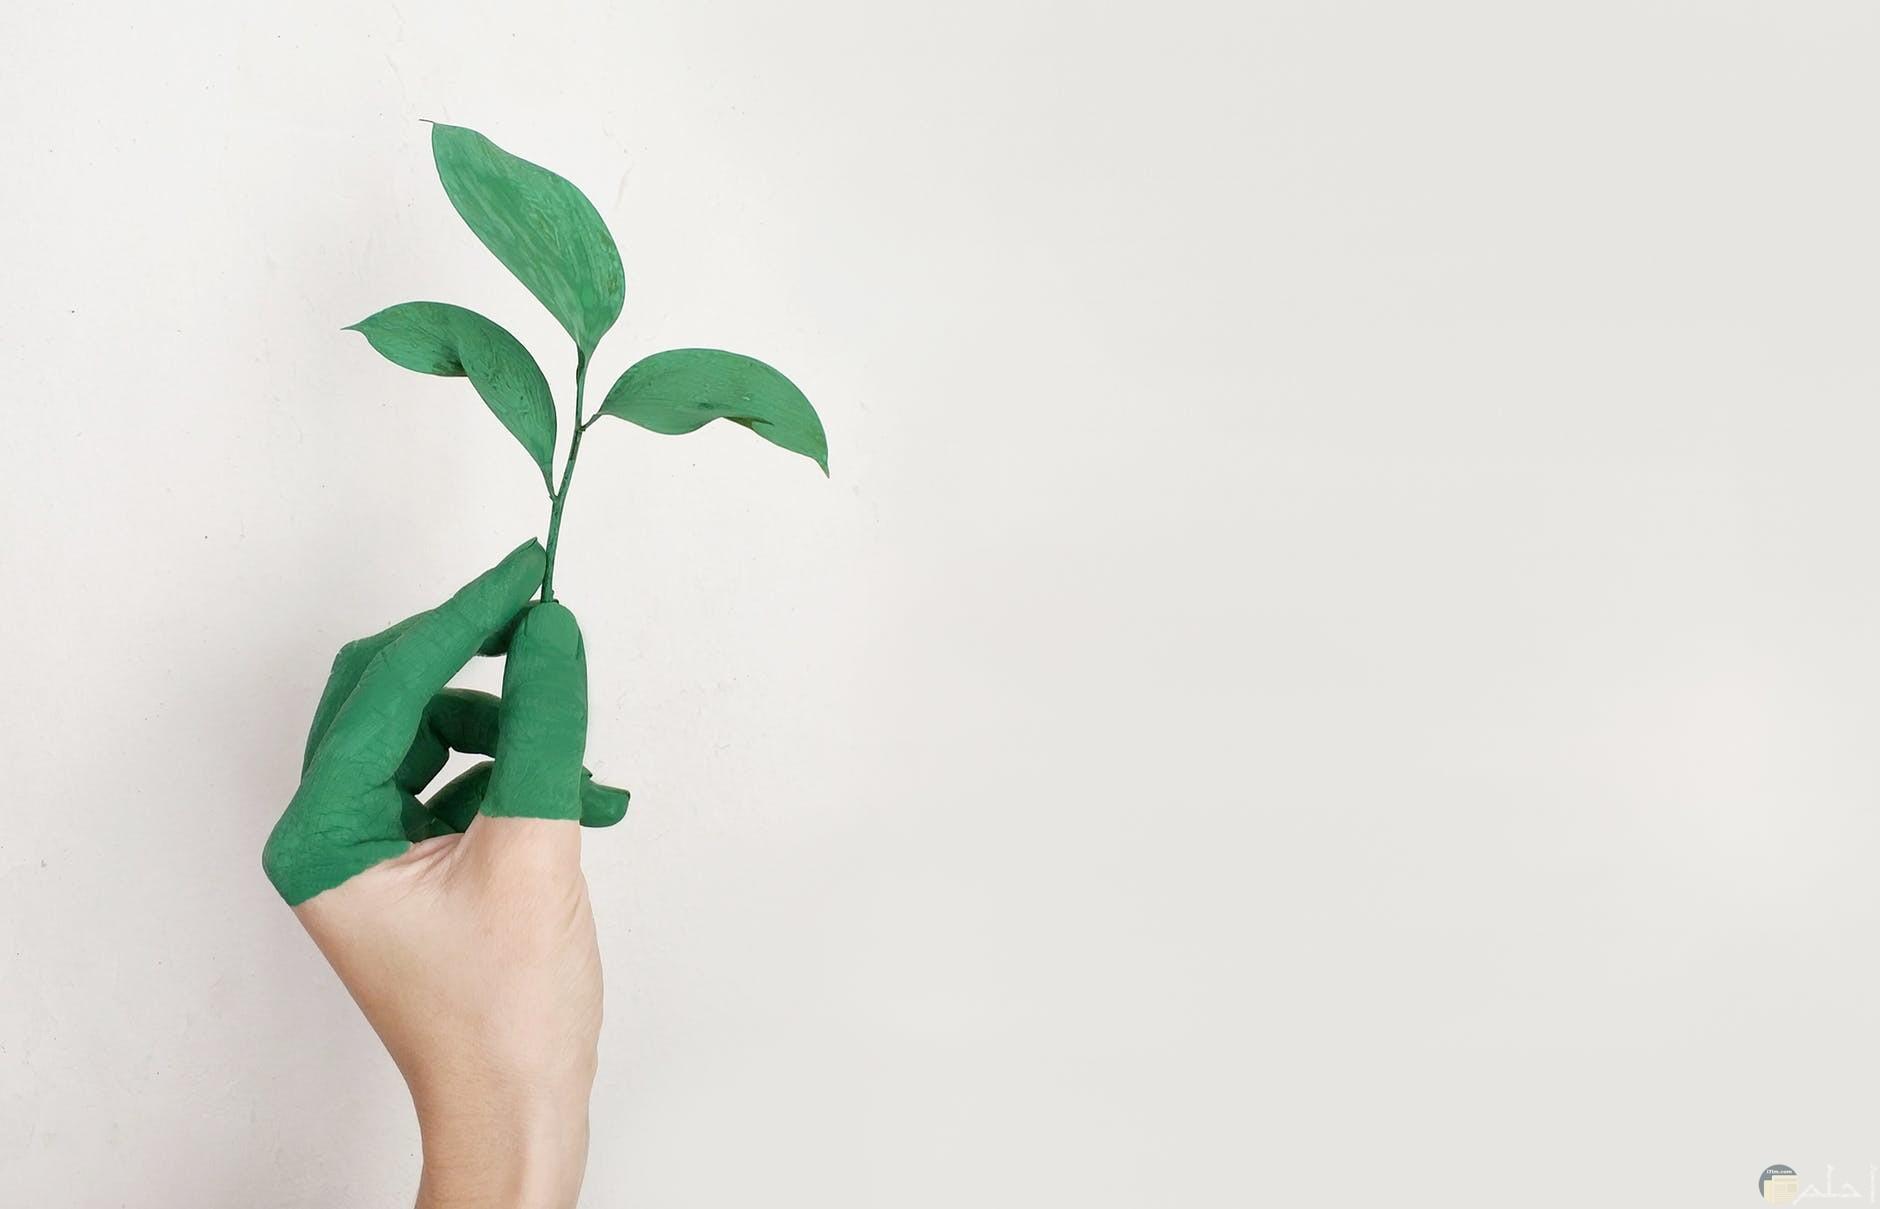 نباتات مرسومة روعة